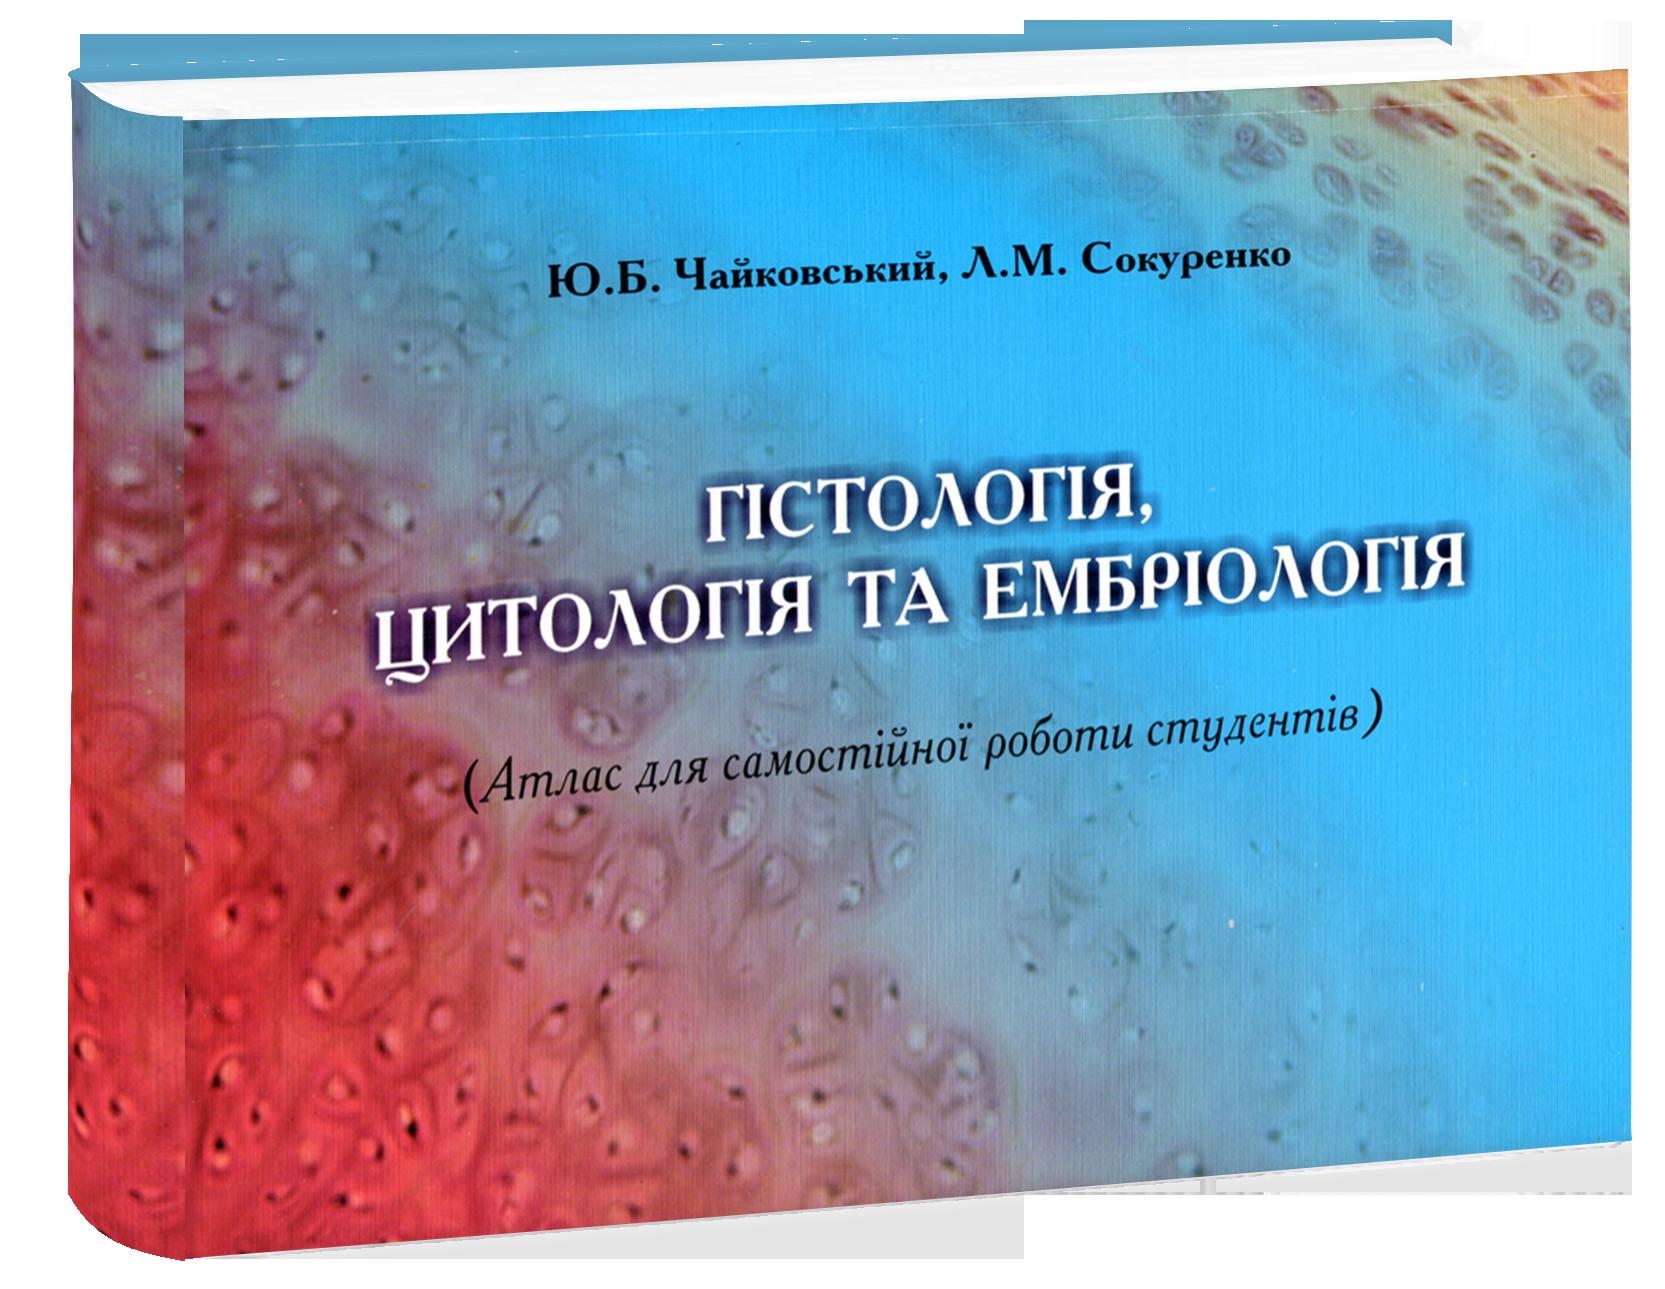 Гістологія, цитологія та ембріологія. Атлас для самостійної роботи студентів (укр., рос., англ. мовами).